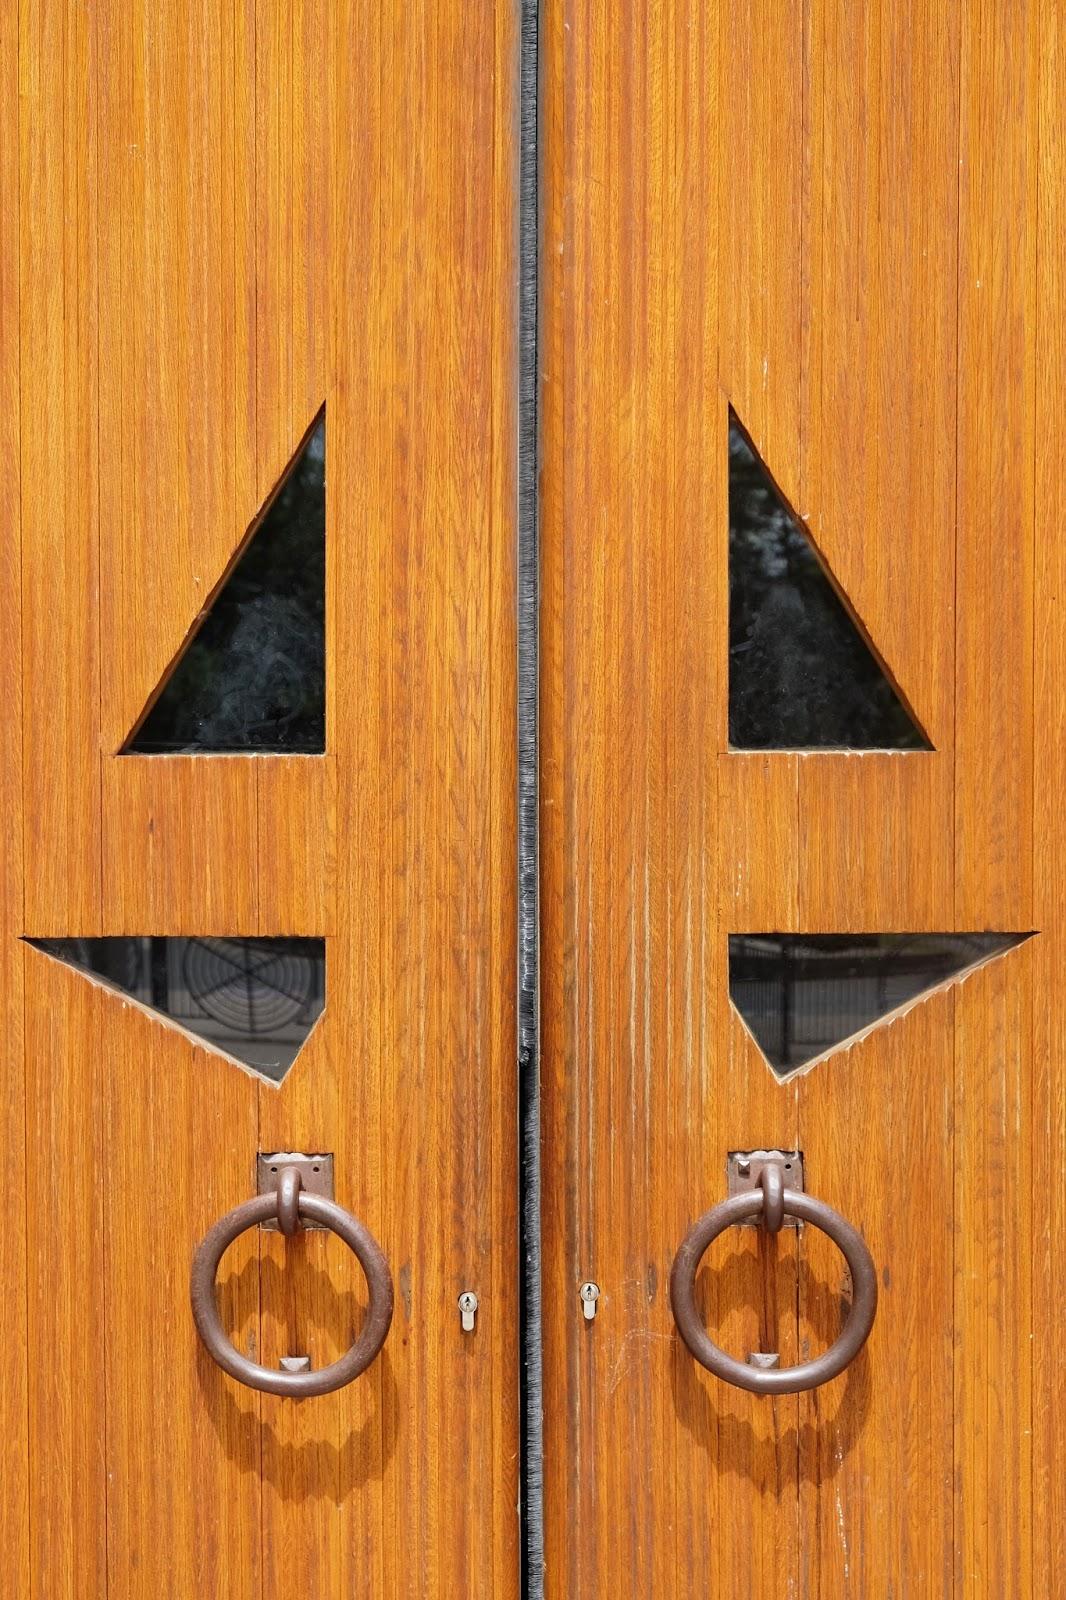 Feutrinelope fermer la porte et conserver des amis - Image fermer la porte ...